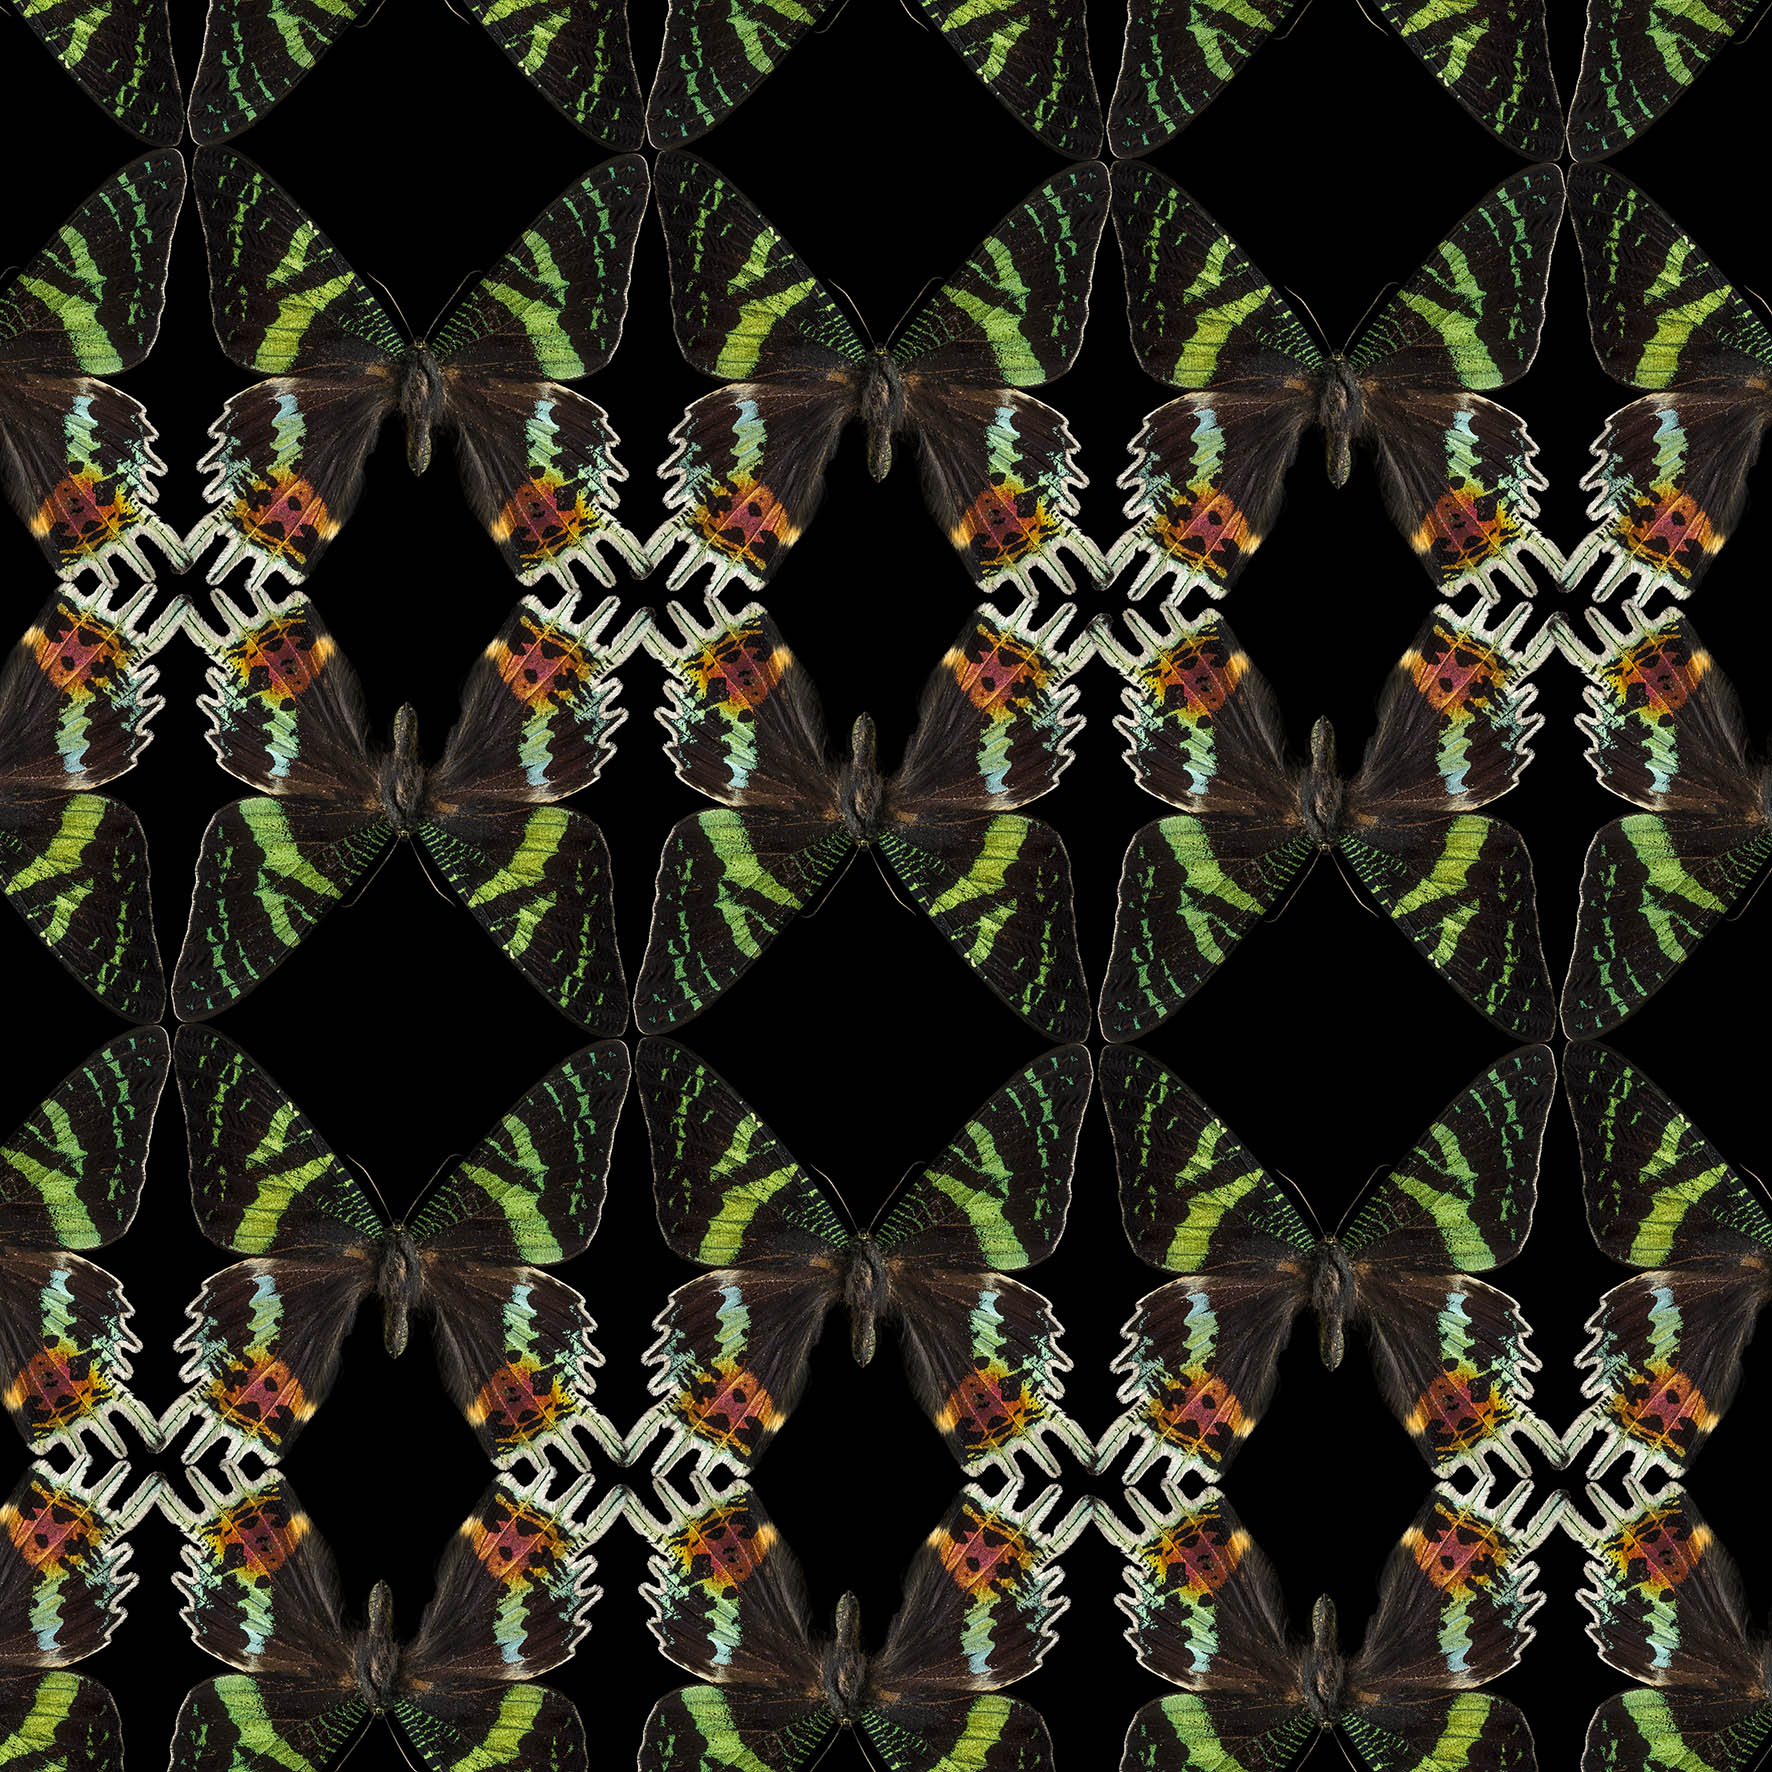 0061_Butterfly-black-green 102015-def.jpg